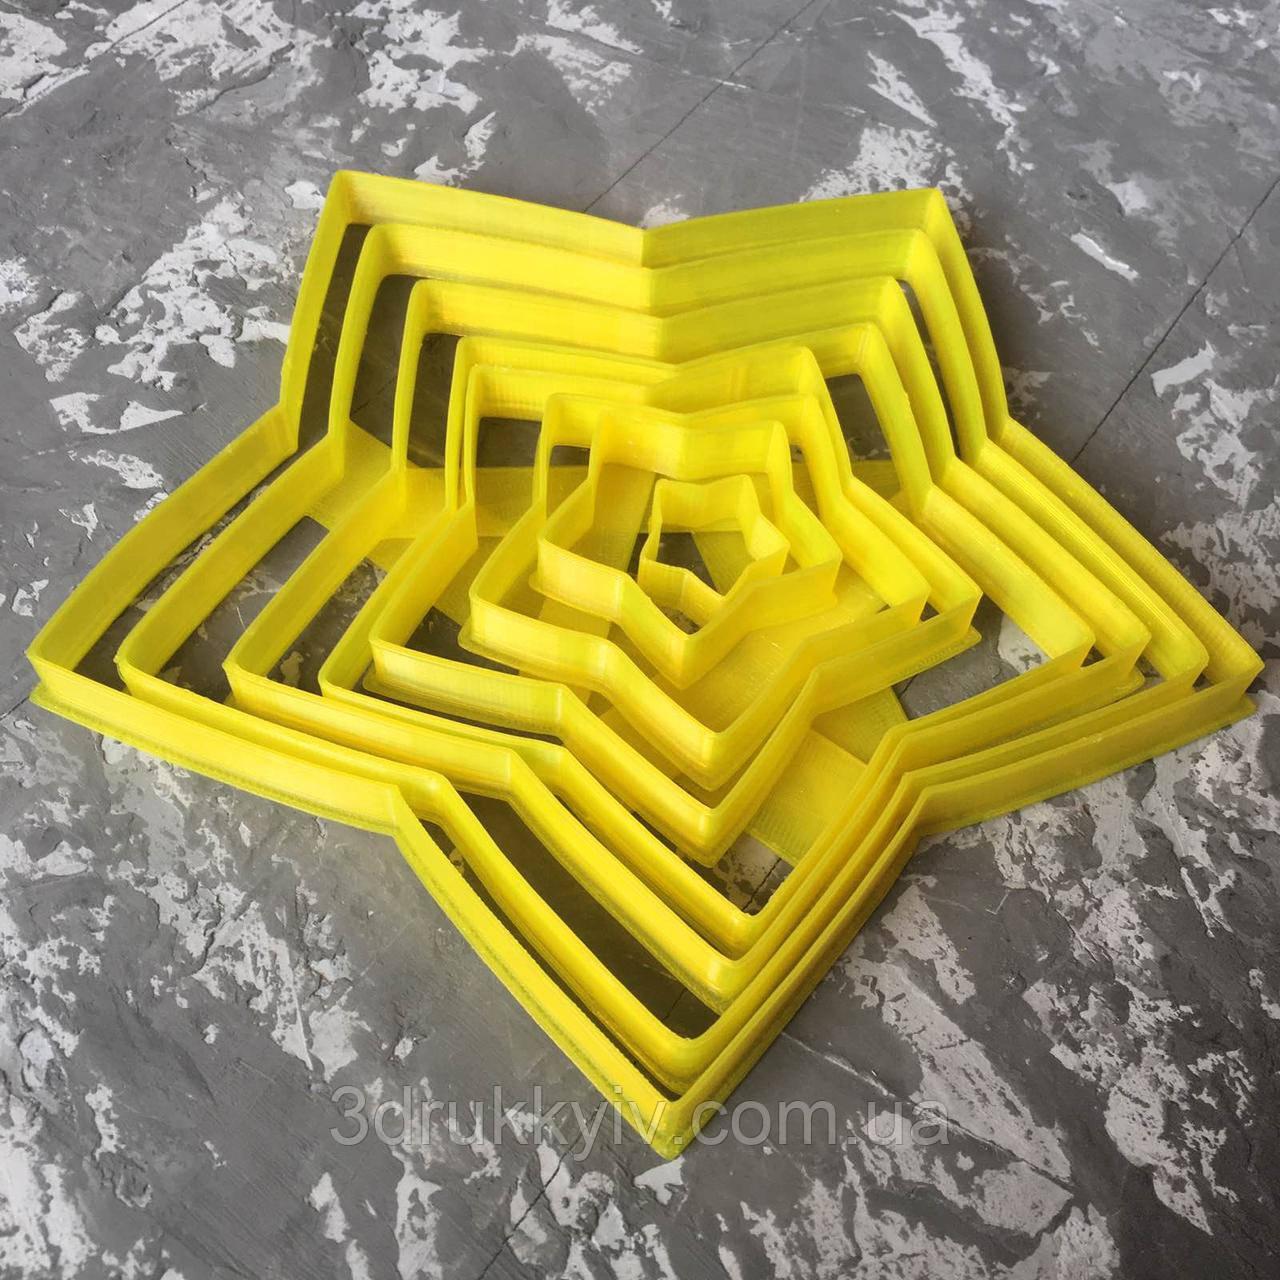 """Набір вирубок """"Ялинка 3d"""" / Набор формочек - вырубок для пряников """"Ёлочка 3d"""""""